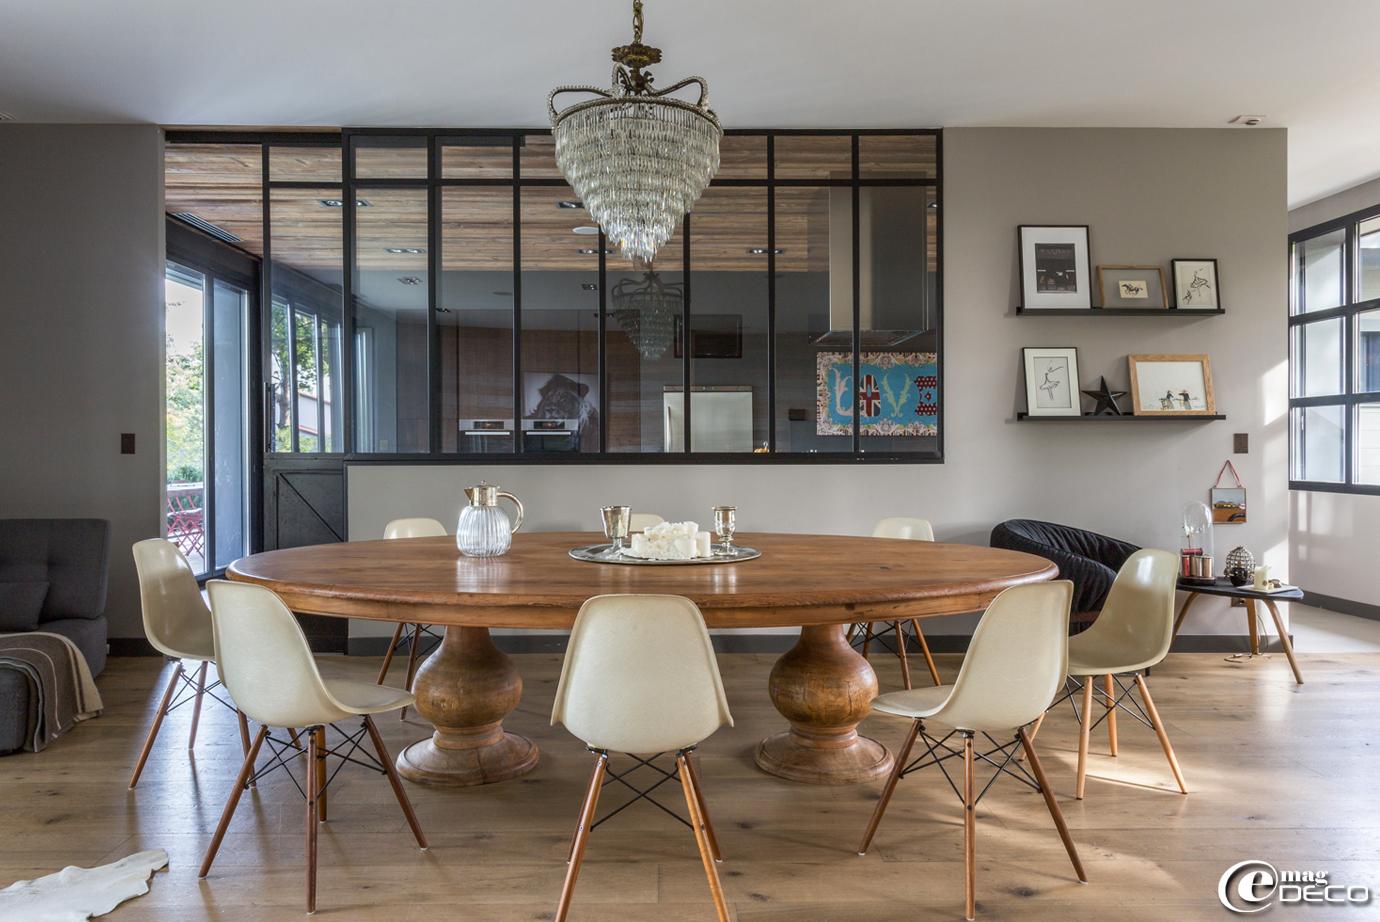 Dans la salle à manger de Cécile Siméone, grande table de chasseur, chaises DSW, signées Charles & Ray Eames, achetées chez 'Collection of Design' à Lyon